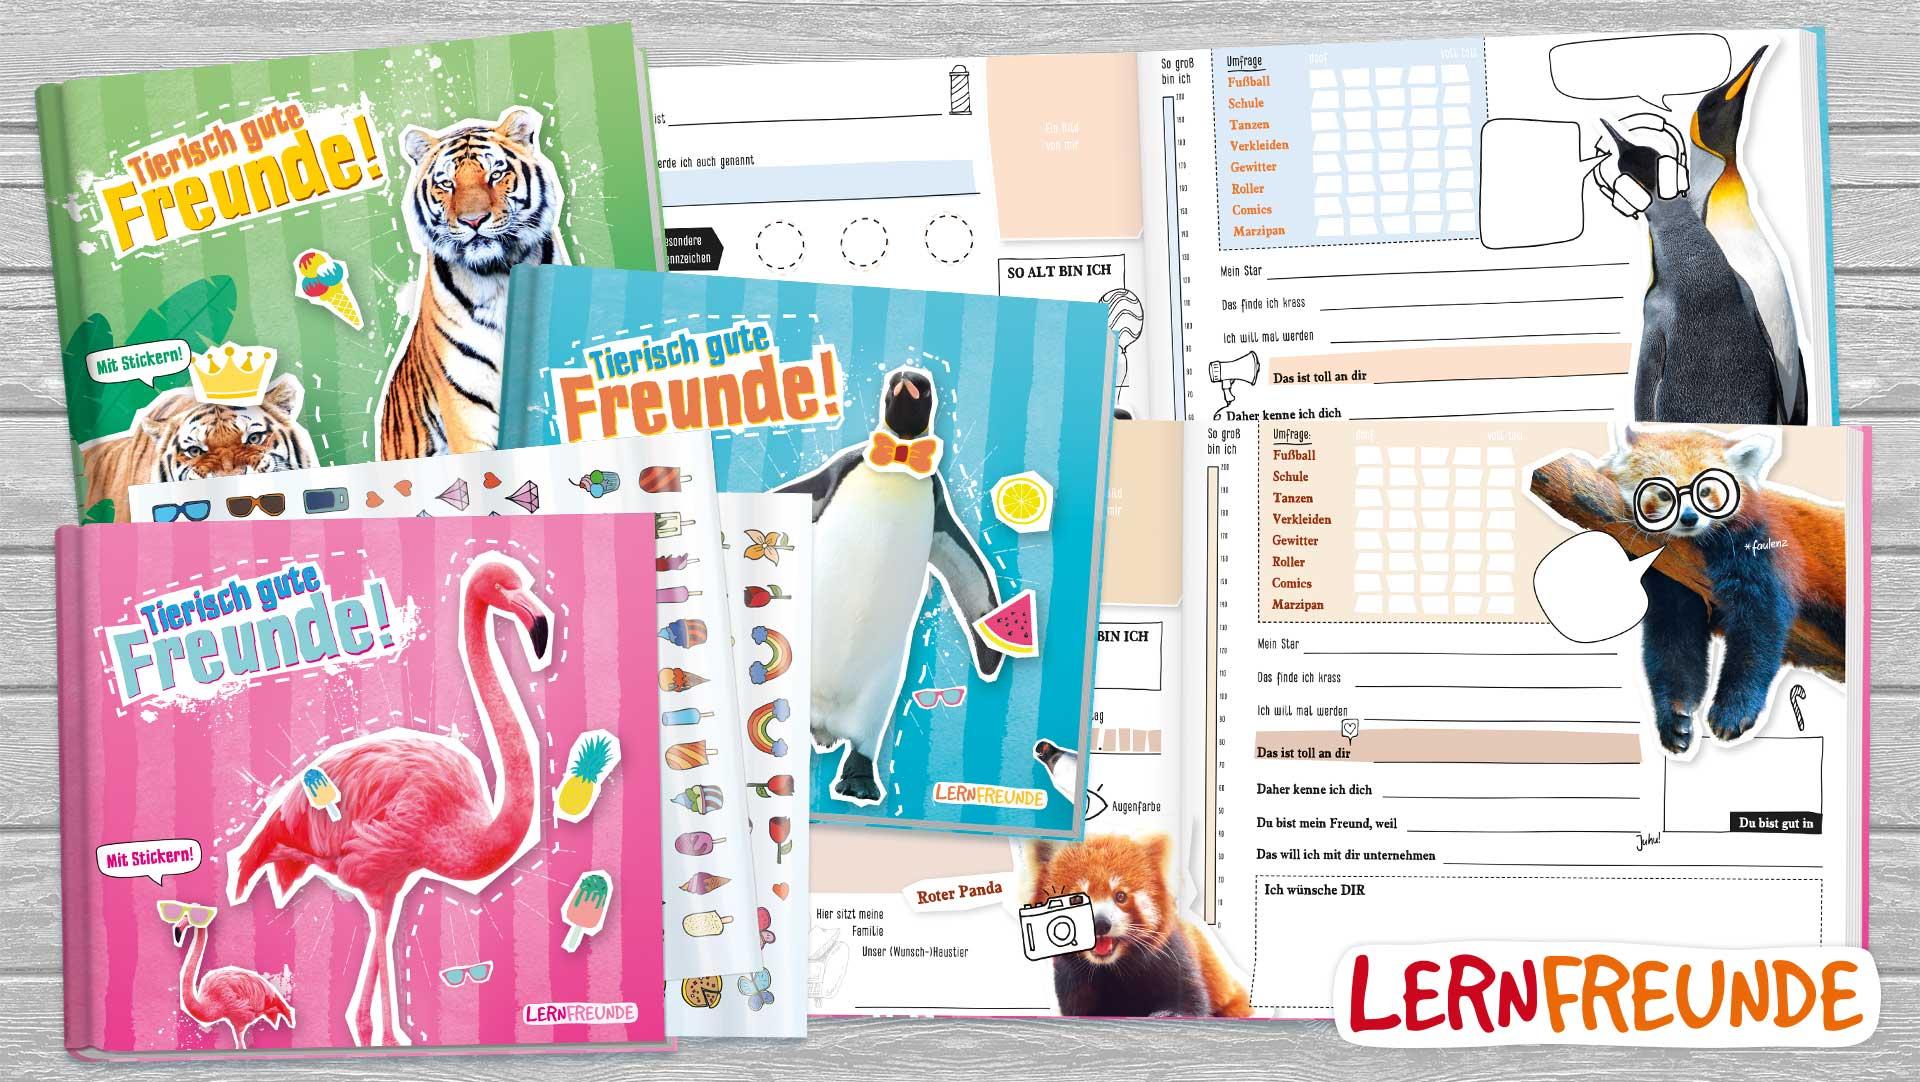 Häfft - Lernfreunde Freundebuch